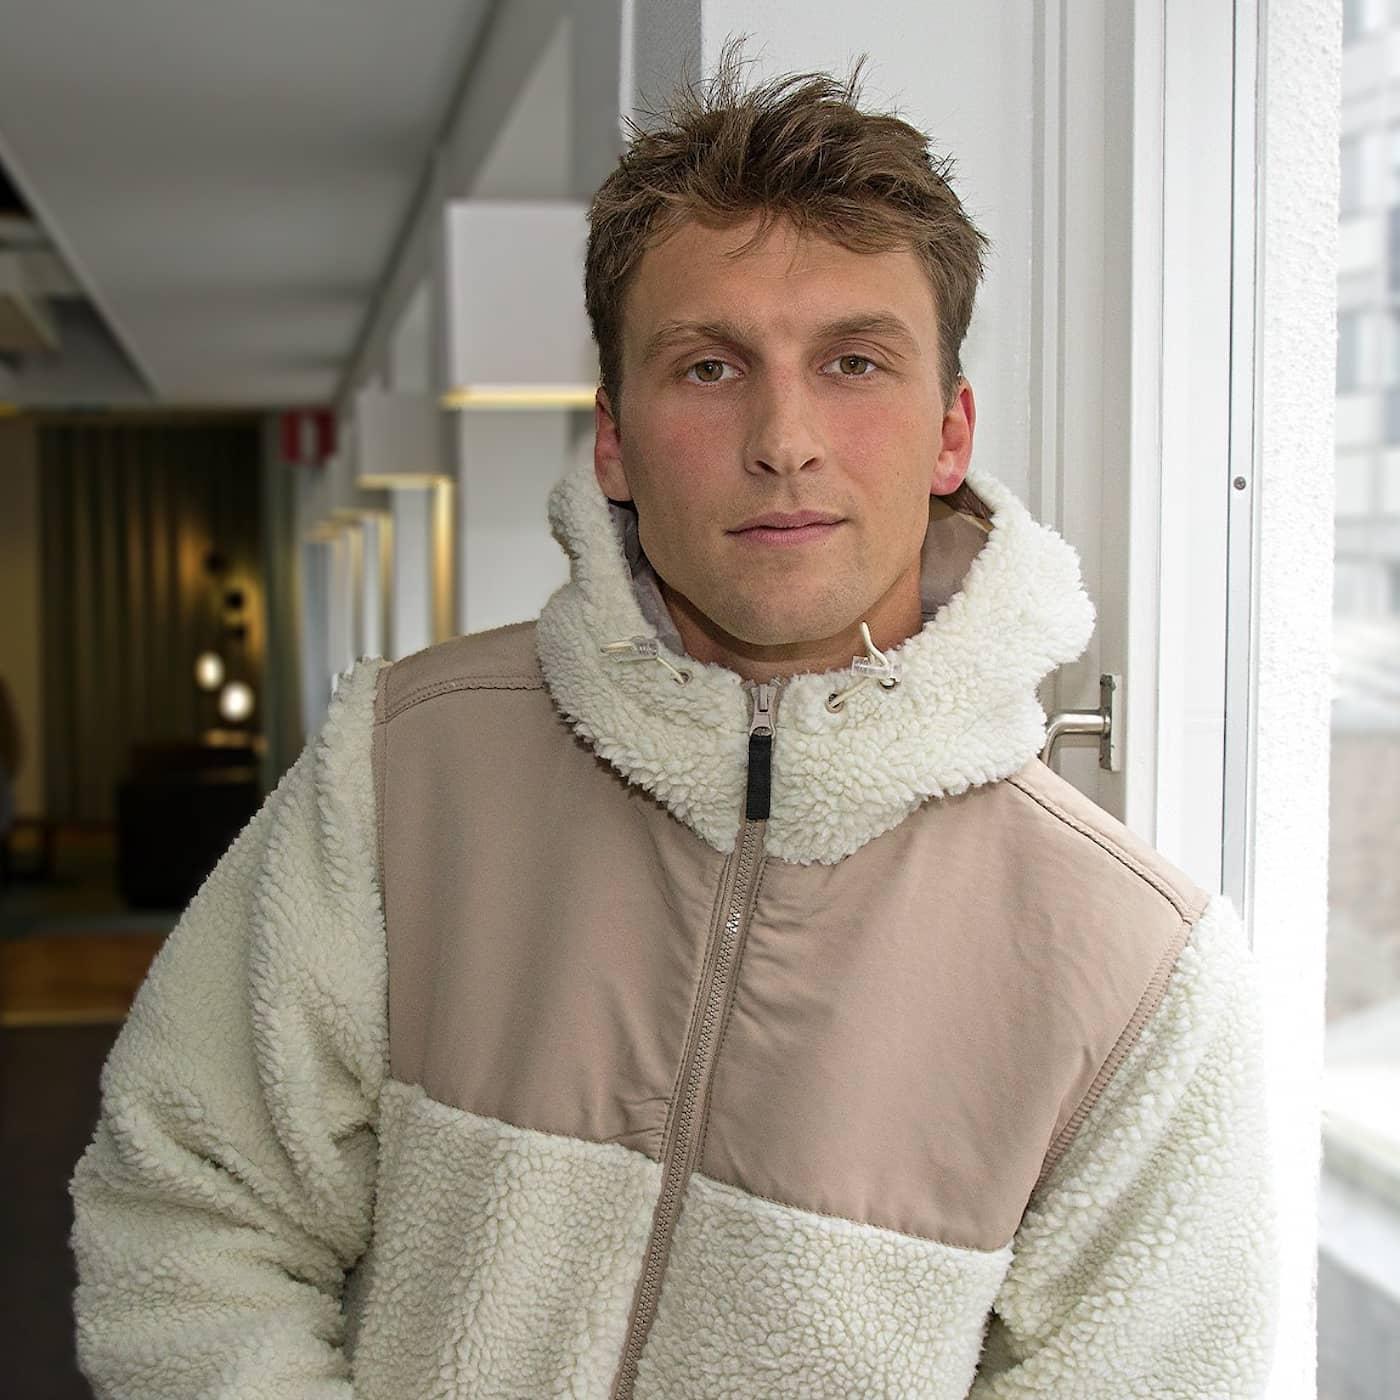 Ridsportprofilen Carl Hedin gick från retad för sitt hästintresse till svensk ridsports nya stjärnskott